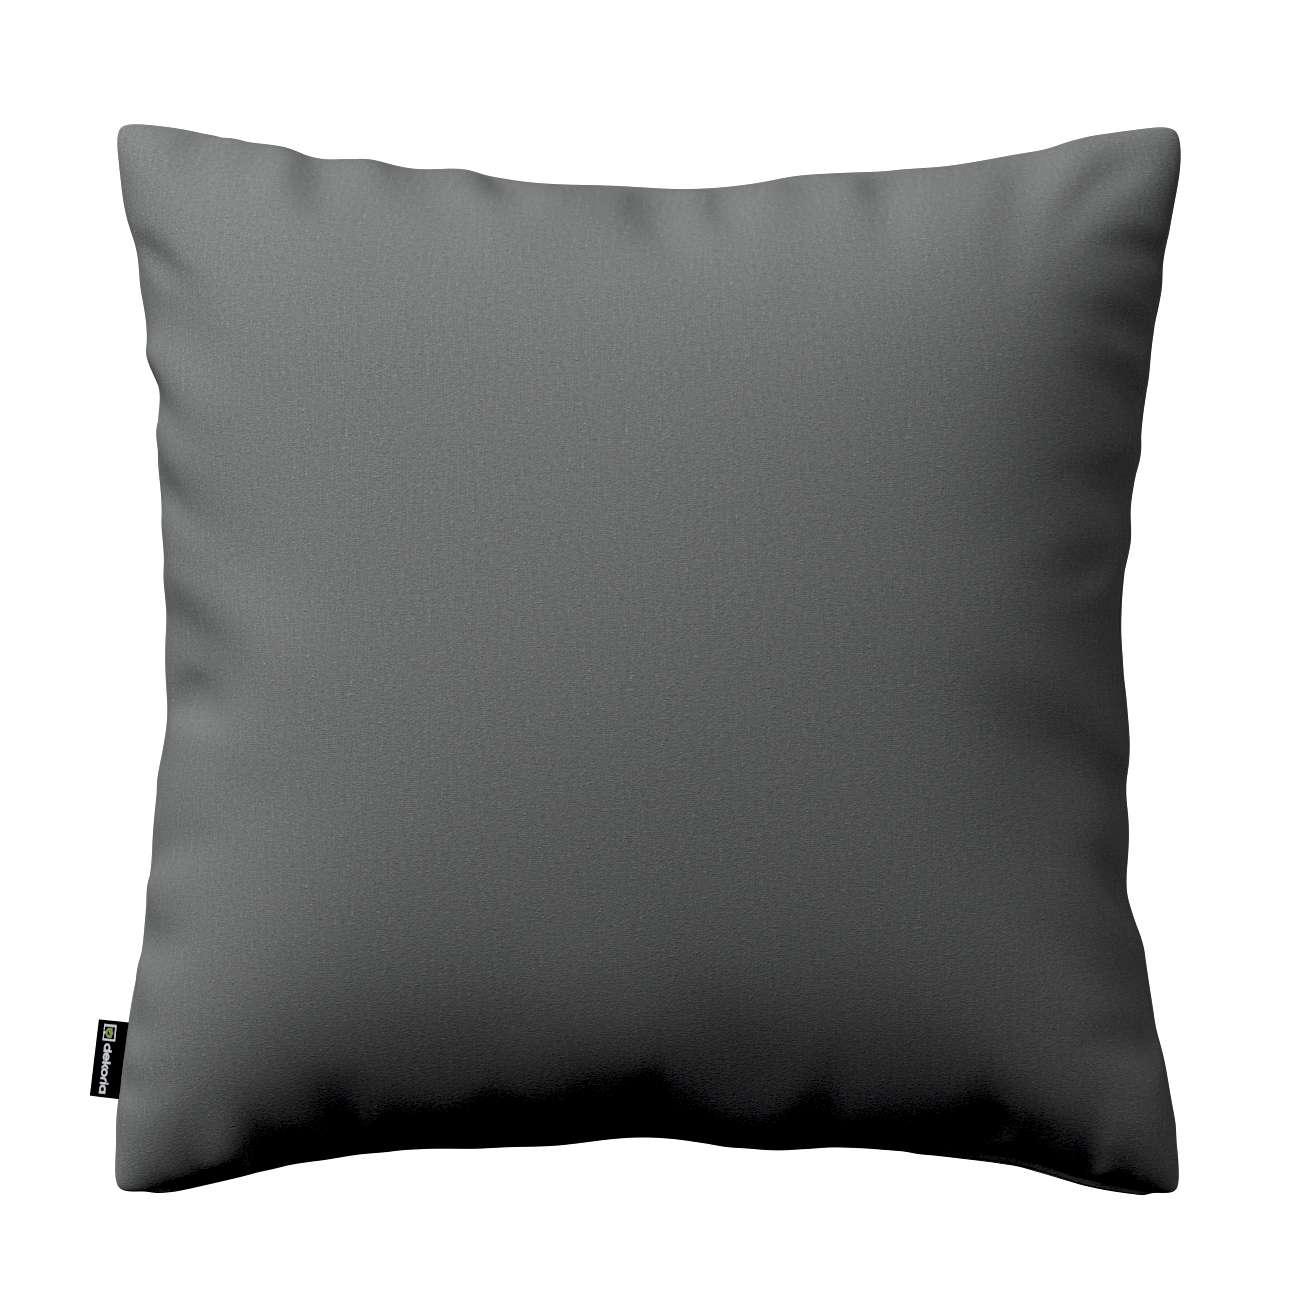 Kinga dekoratyvinės pagalvėlės užvalkalas 43 x 43 cm kolekcijoje Quadro, audinys: 136-14